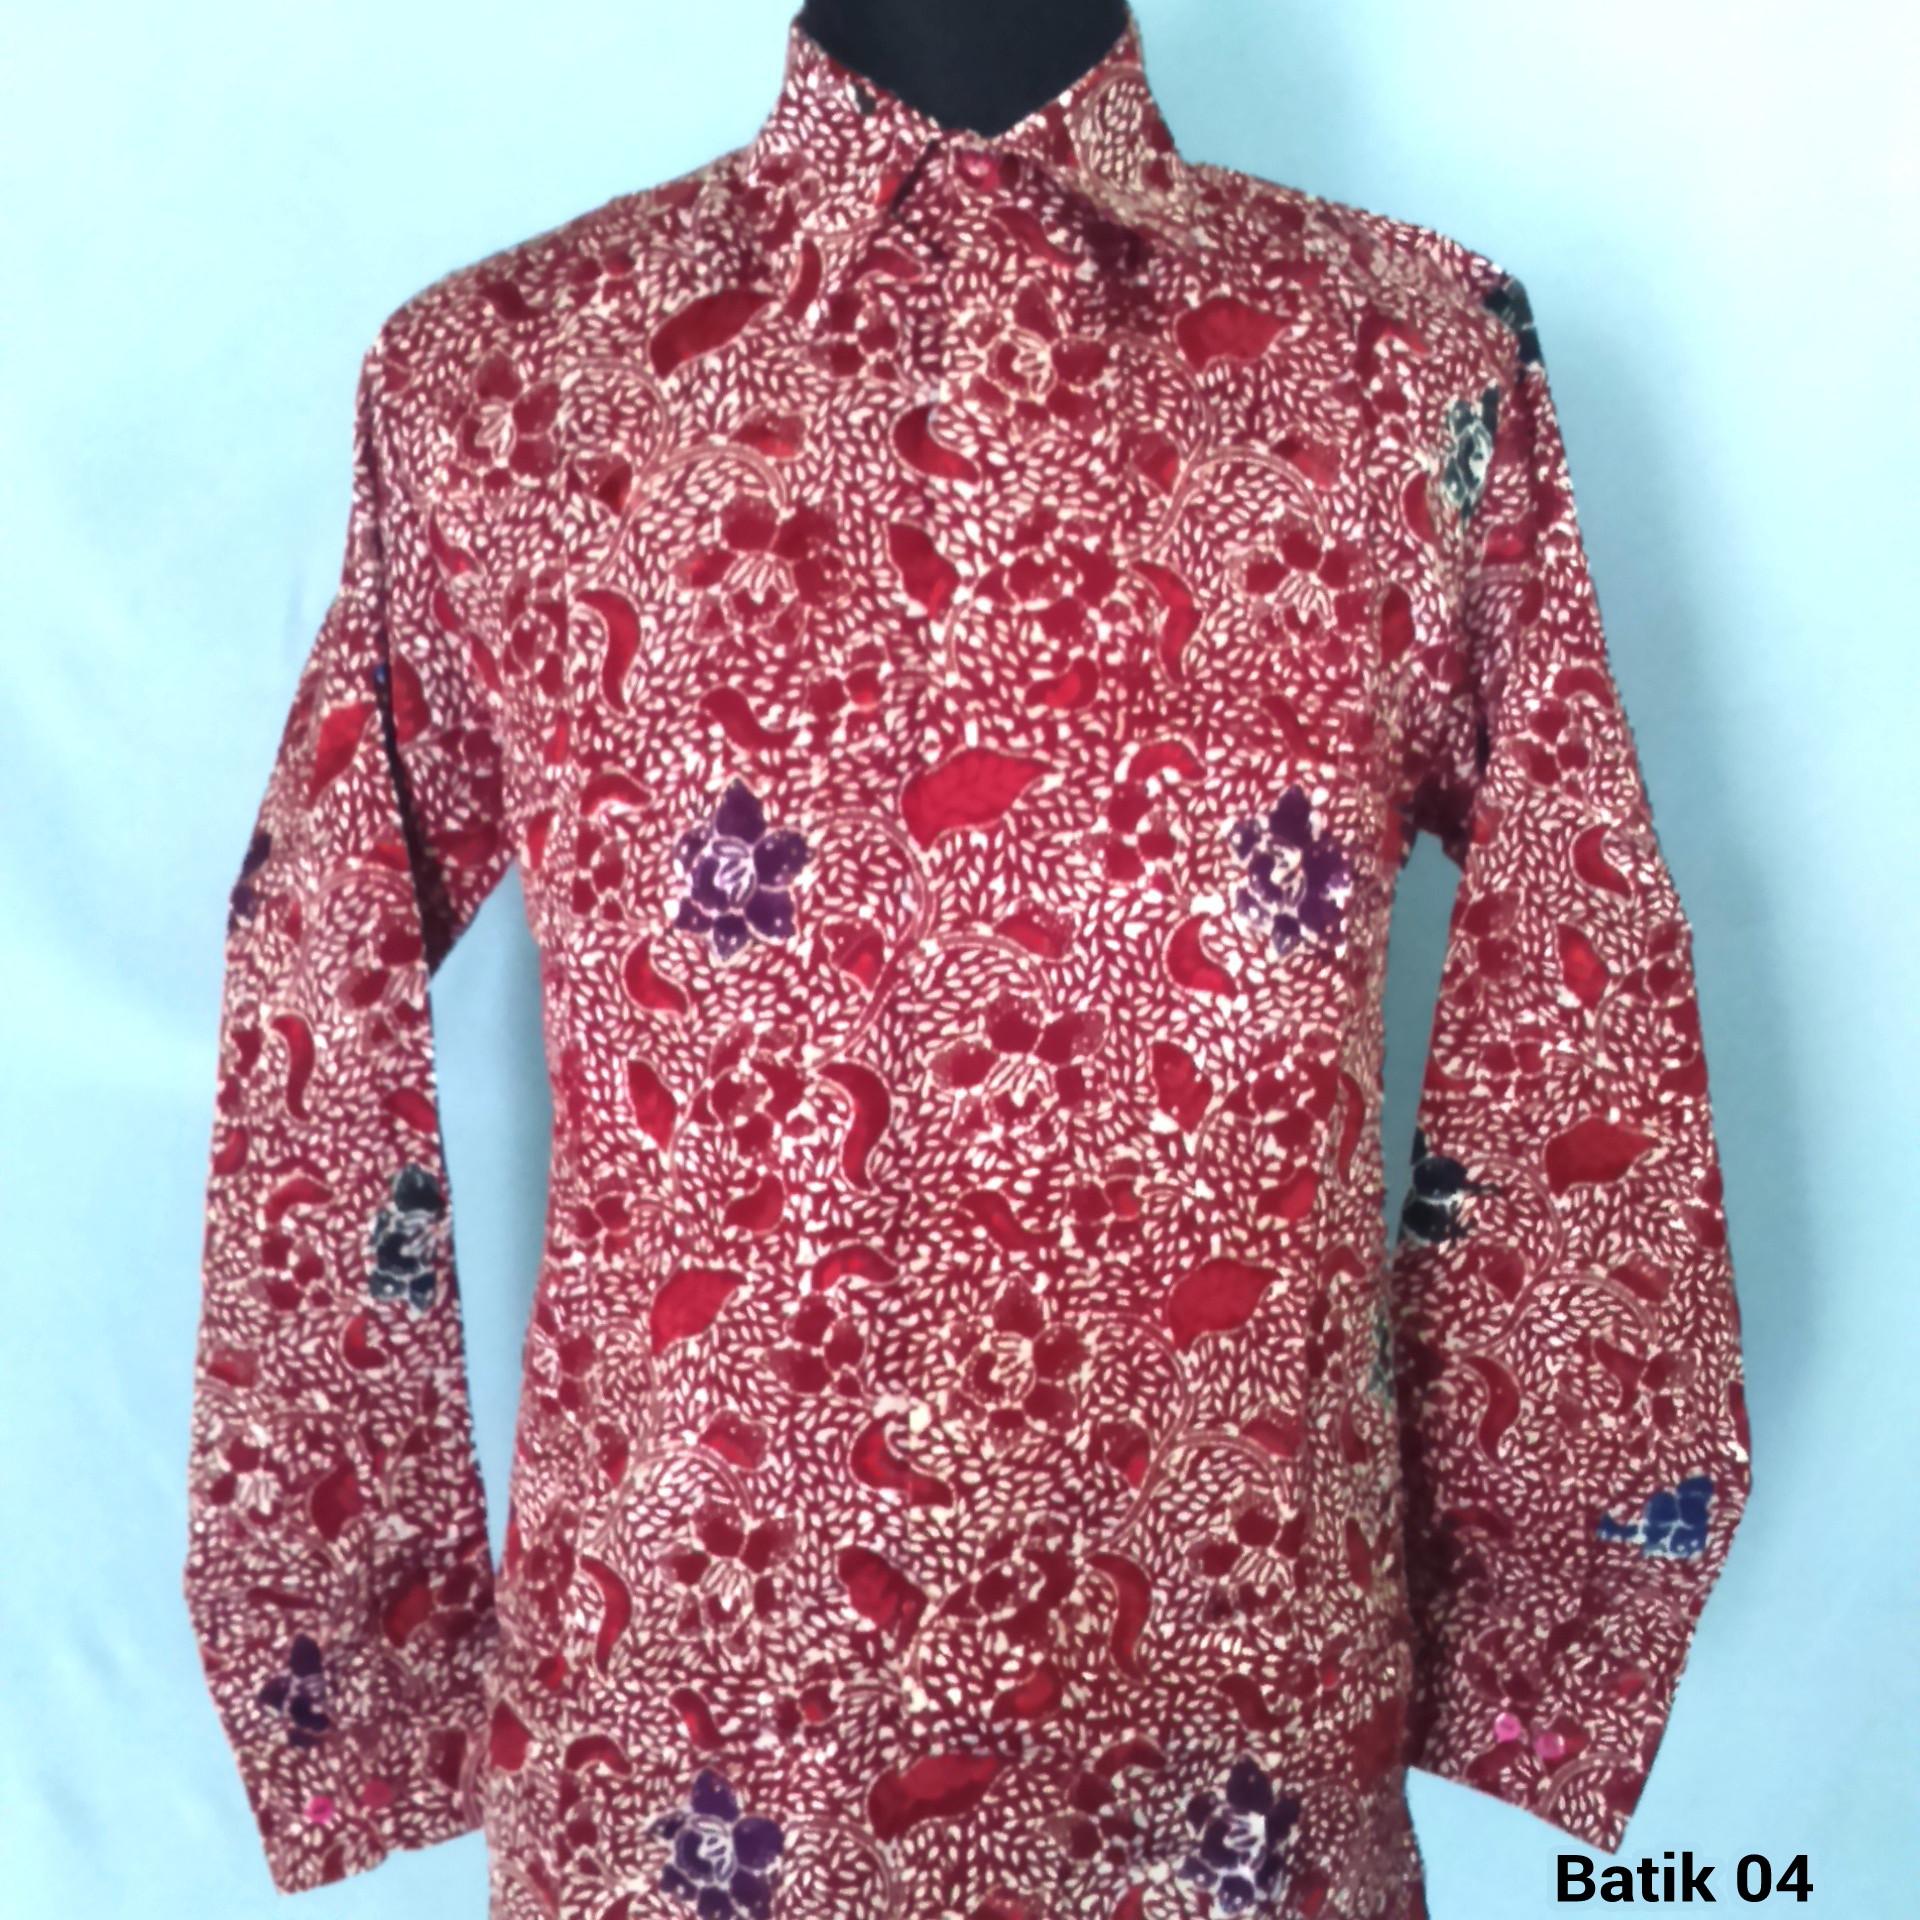 Batik Pekalongan Pria Panjang: Jual Baju Batik Pria Lengan Panjang Tradisional Eksklusif